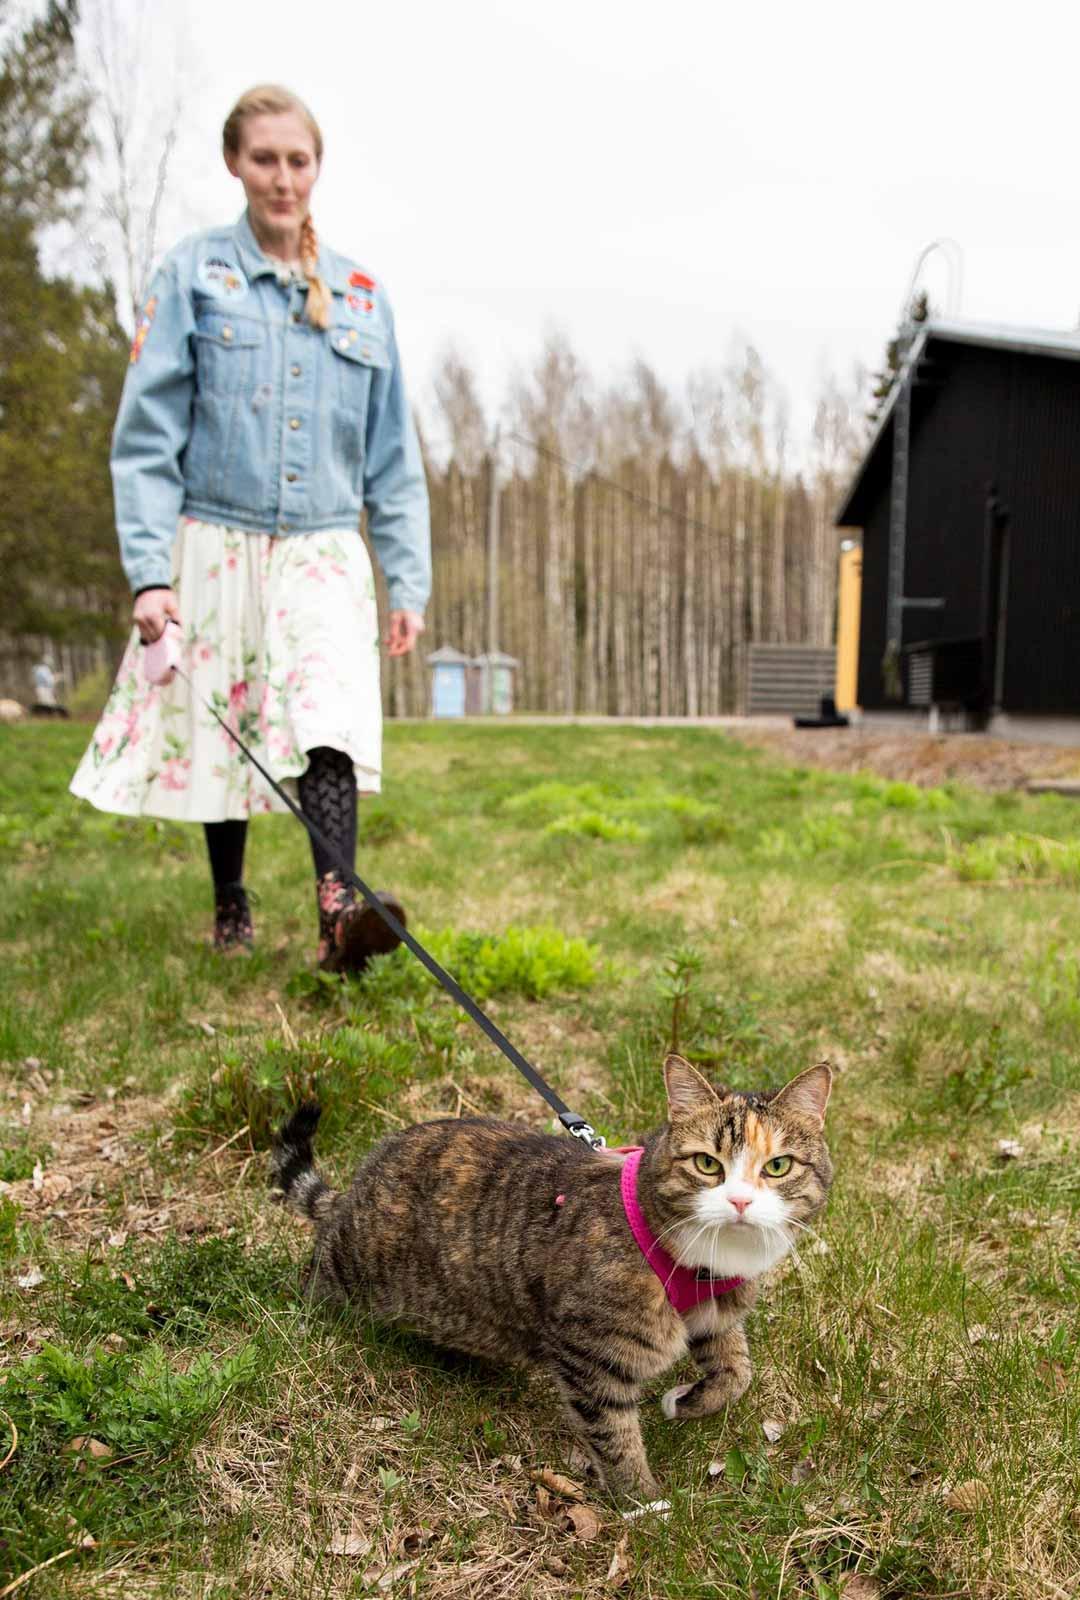 Riepu-kissa on hoidossa eläinlääkäri Oona Miukun isovanhempien luona Vantaalla.